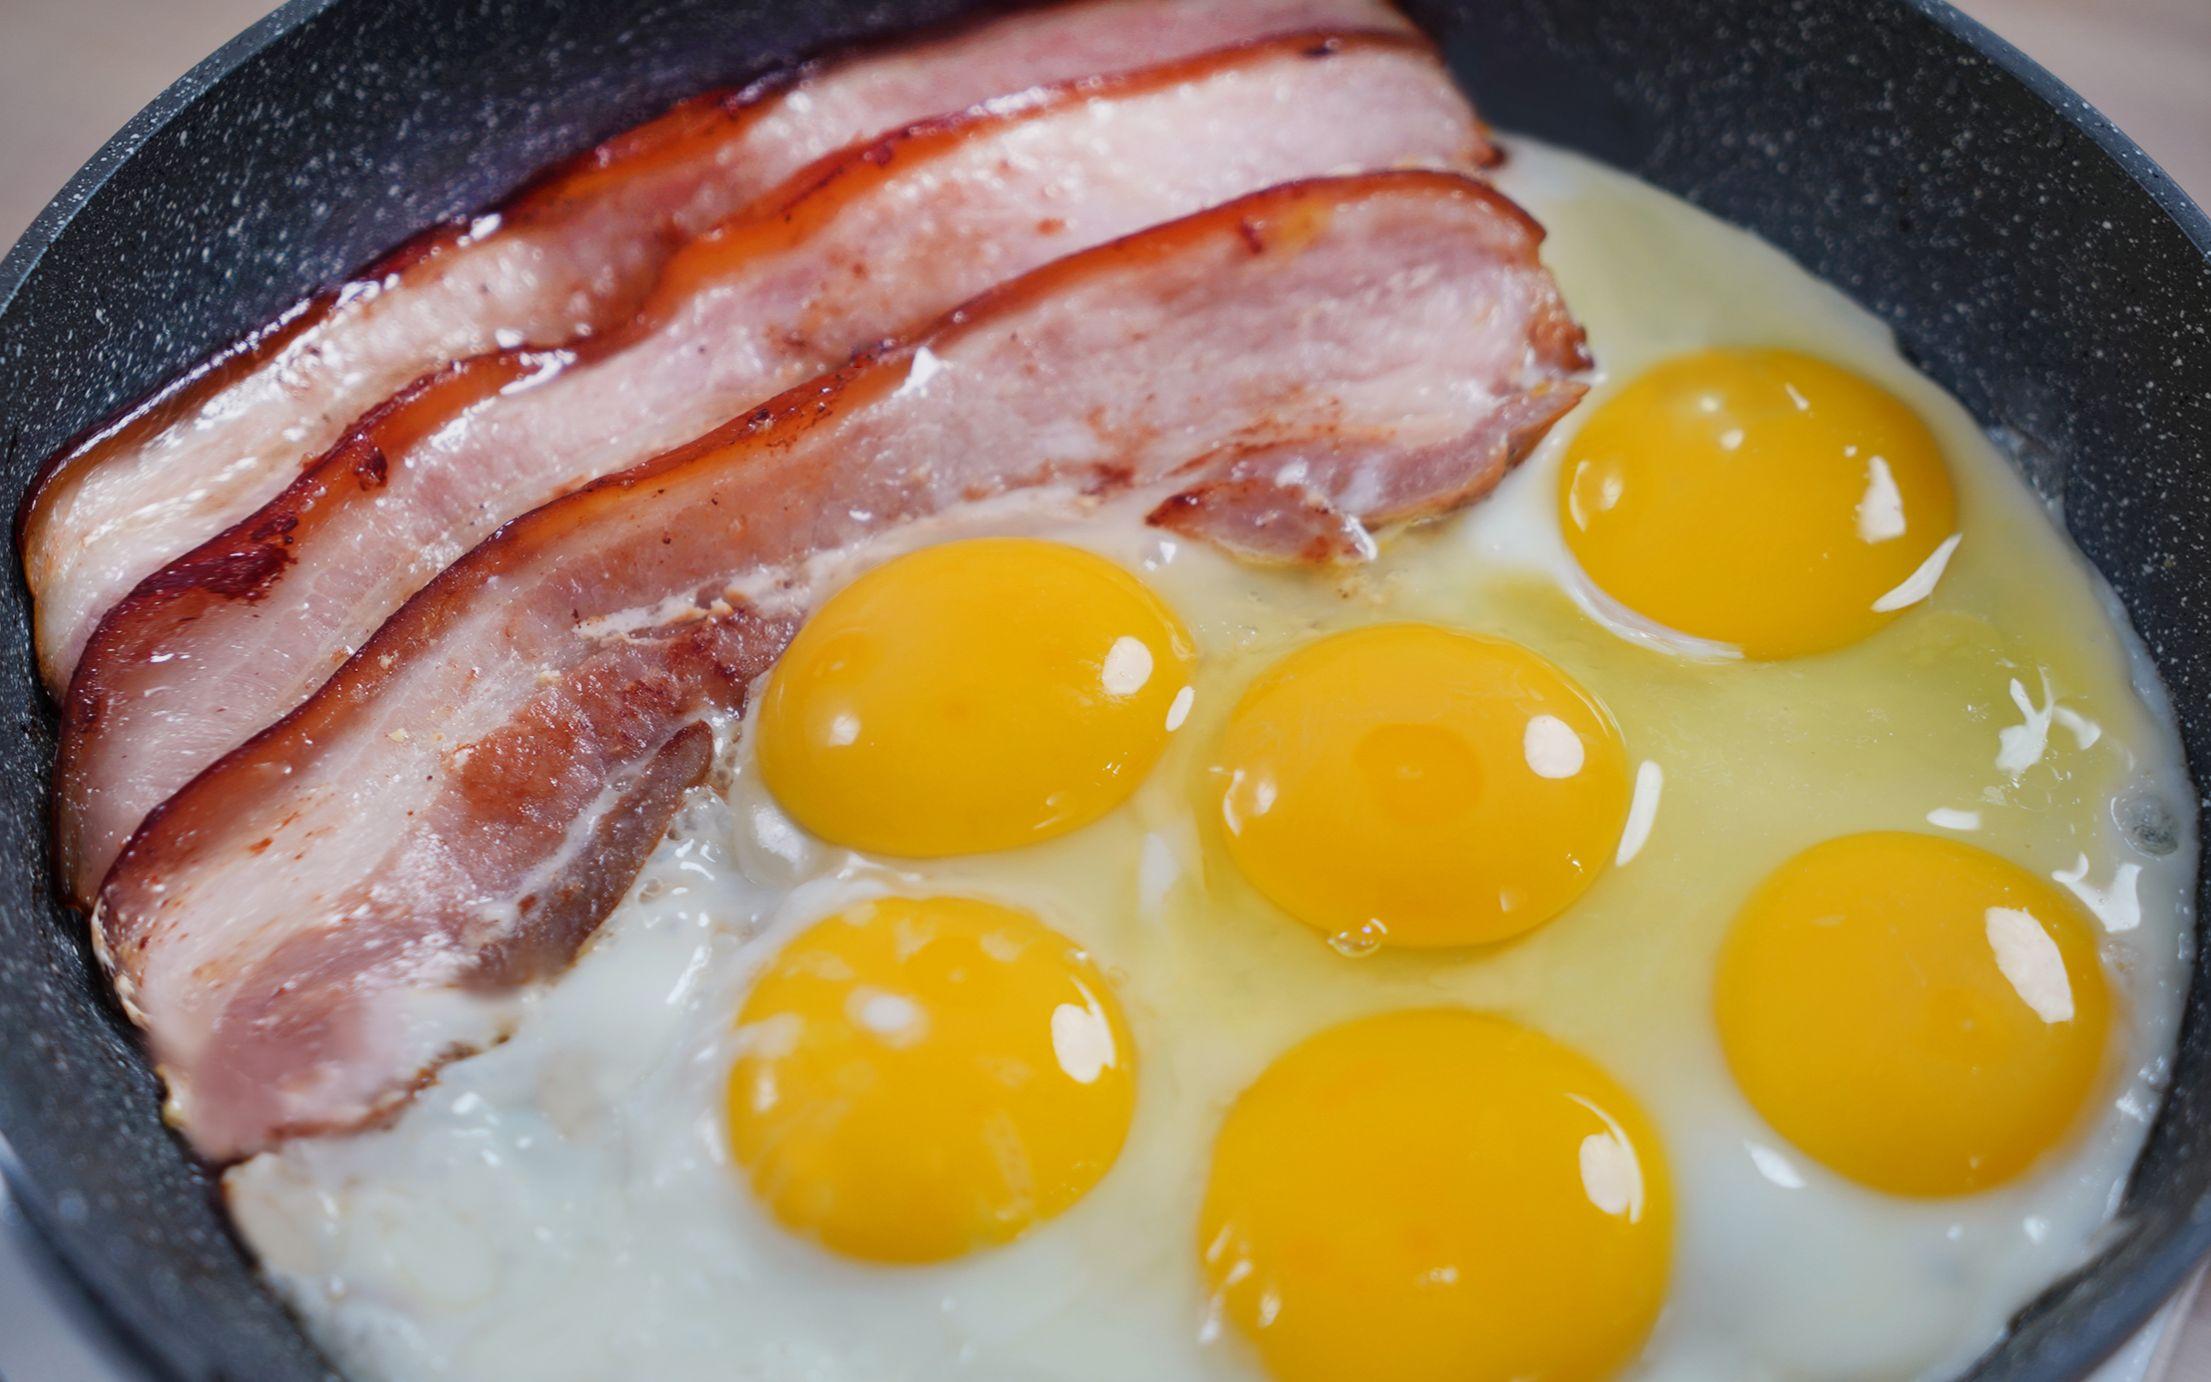 耗时8天7夜!只为吃一次宫崎骏的二次元早餐!